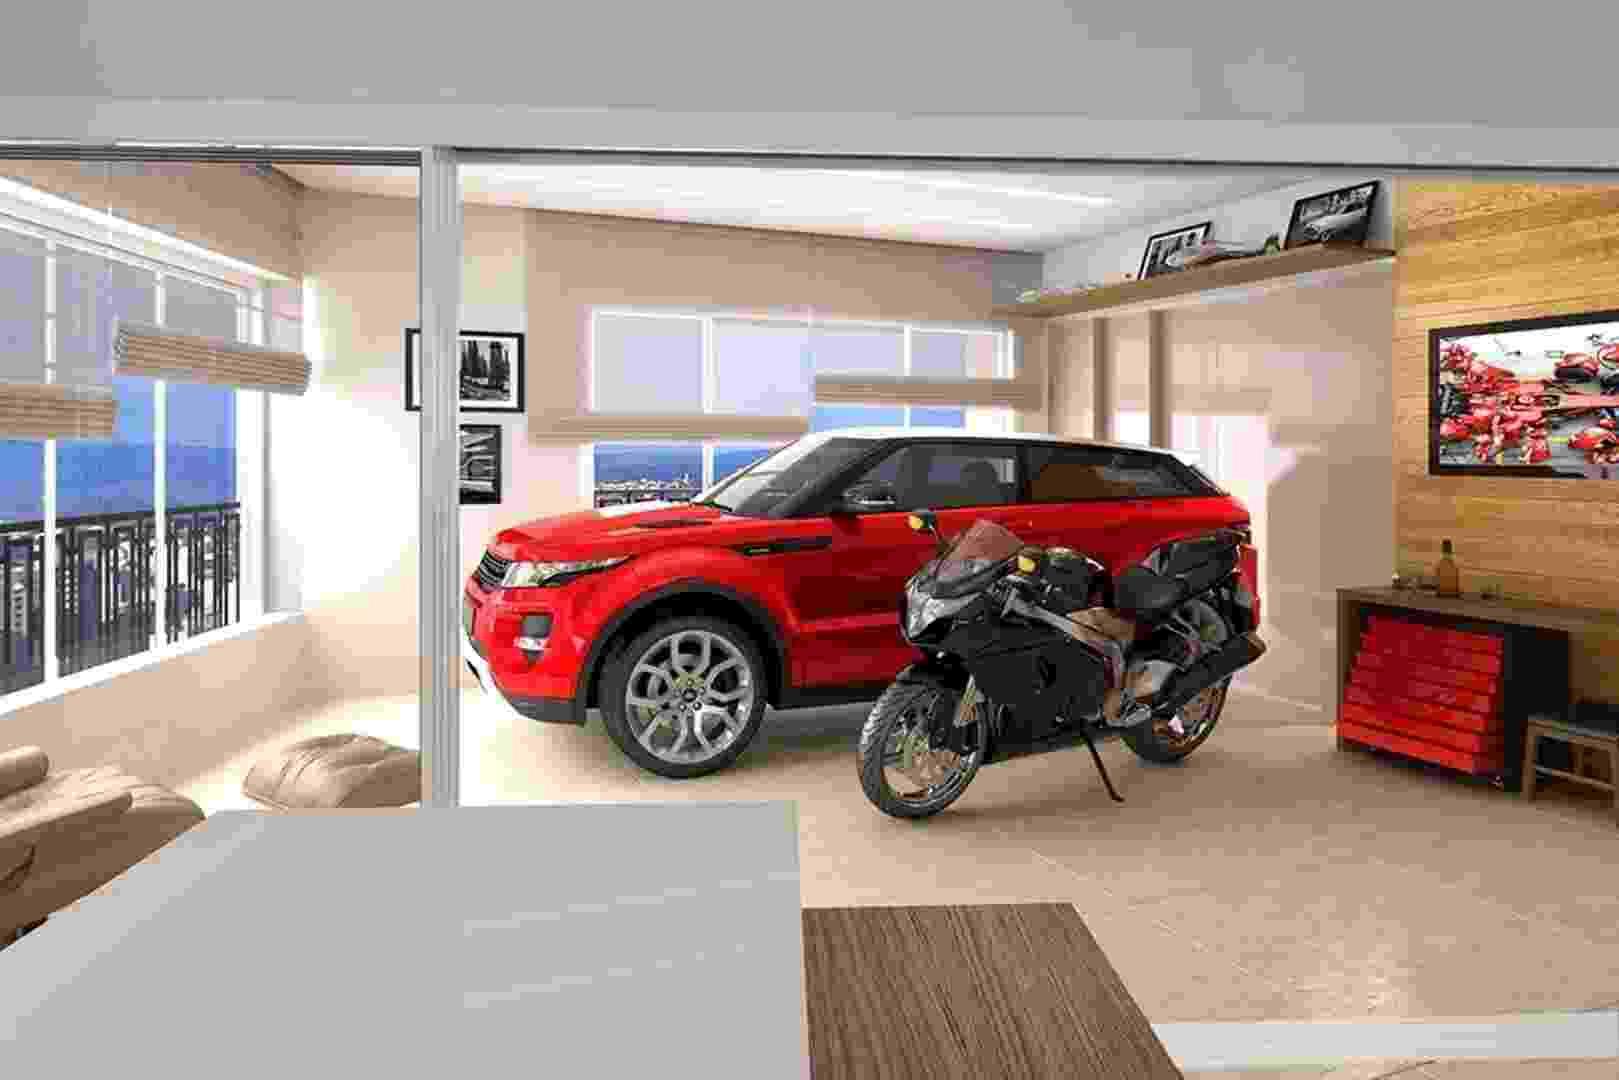 Foto demonstrativa da garagem dentro do apartamento onde Gusttavo Lima está morando - Divulgação/VictorianLiving